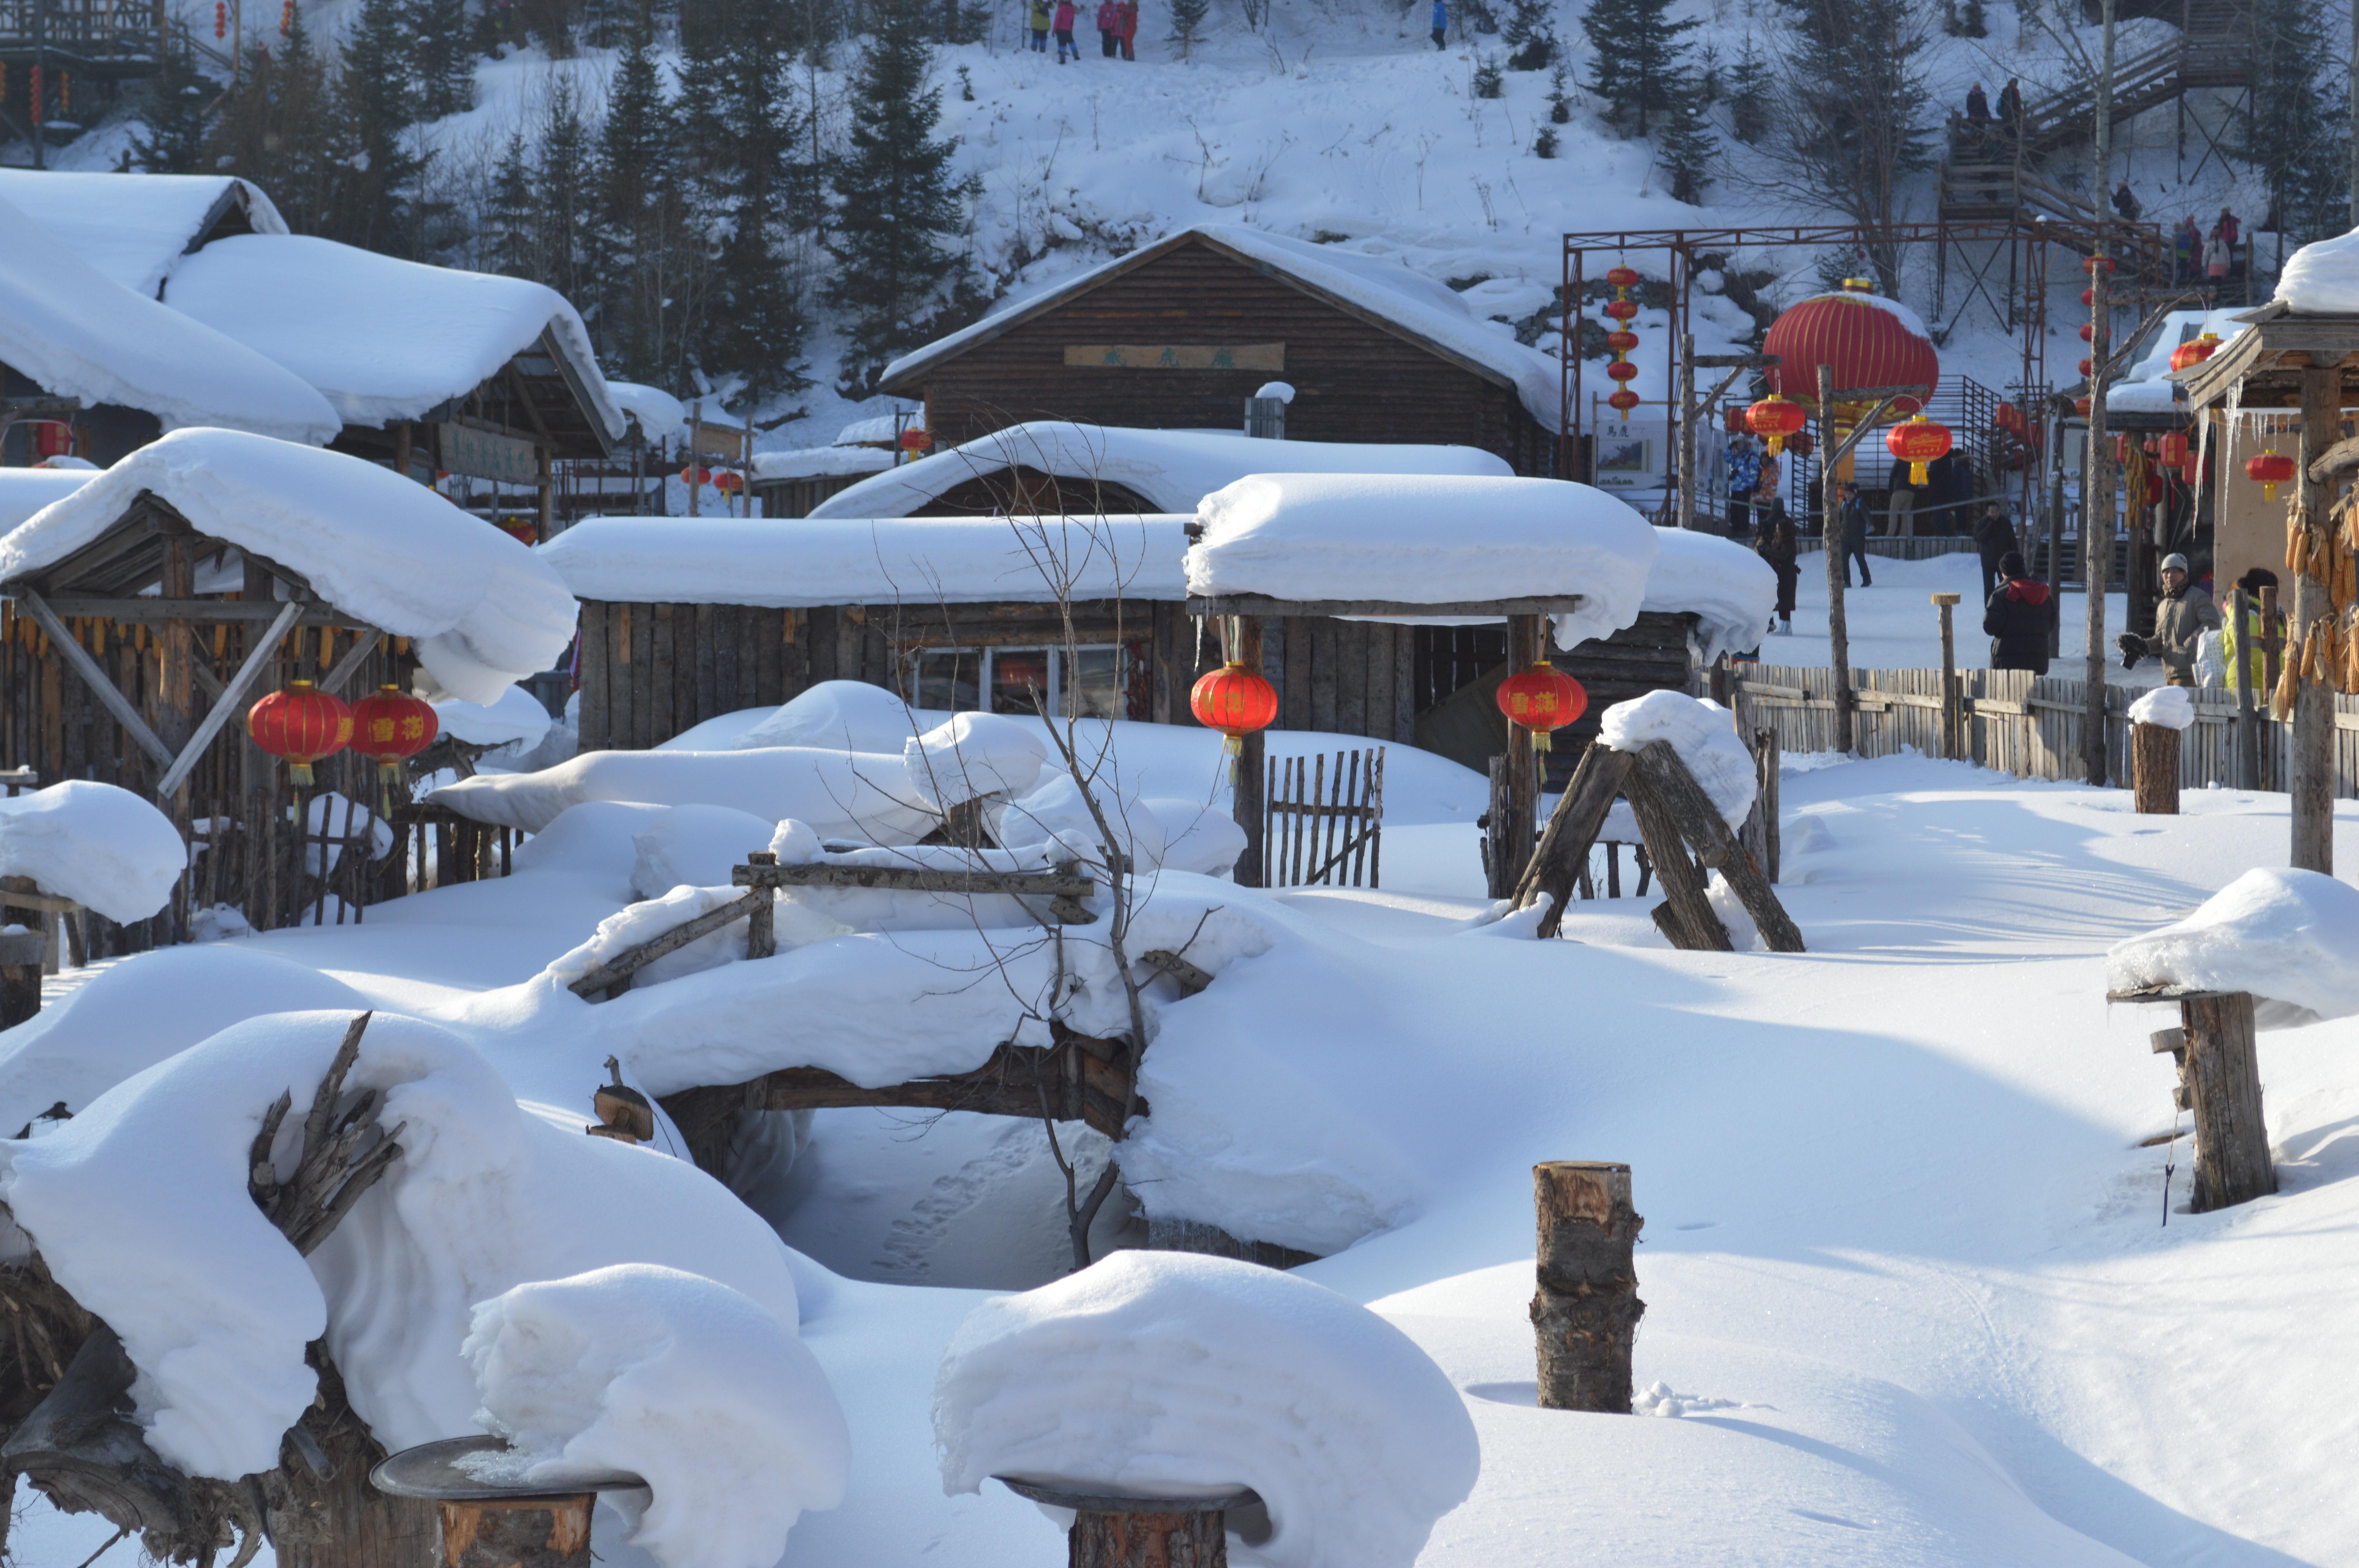 雪��/~���x+�x�&�7:d��_梦幻家园